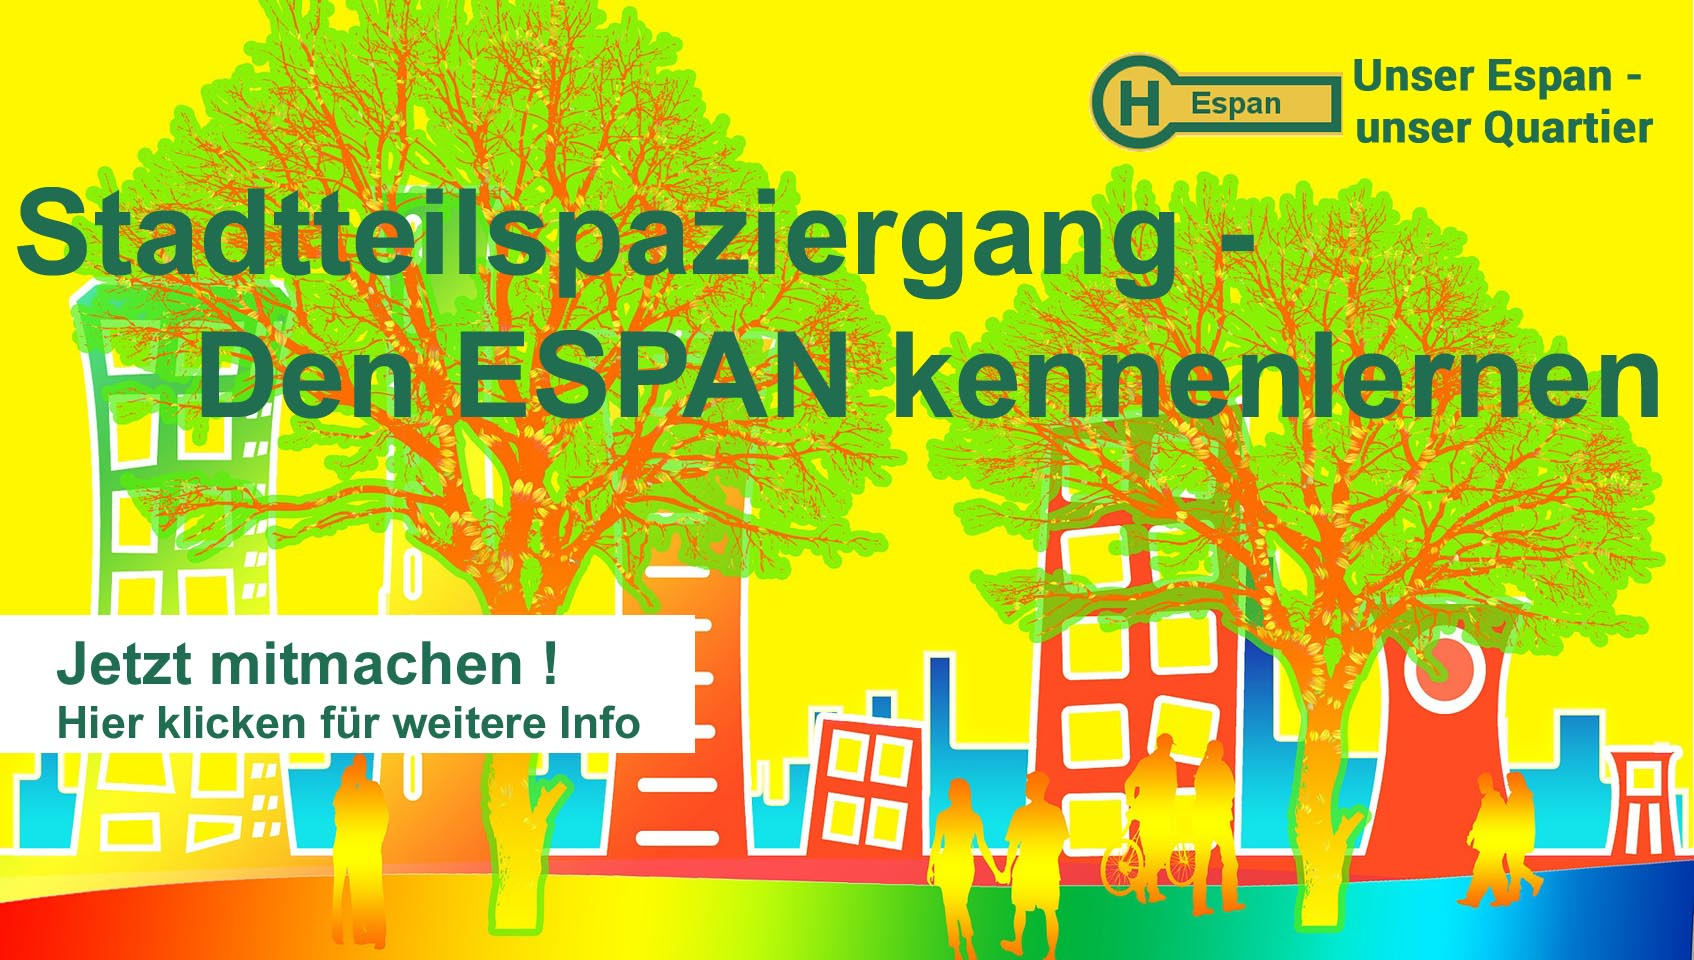 Stadtteilspaziergang - den ESPAN kennenlernen